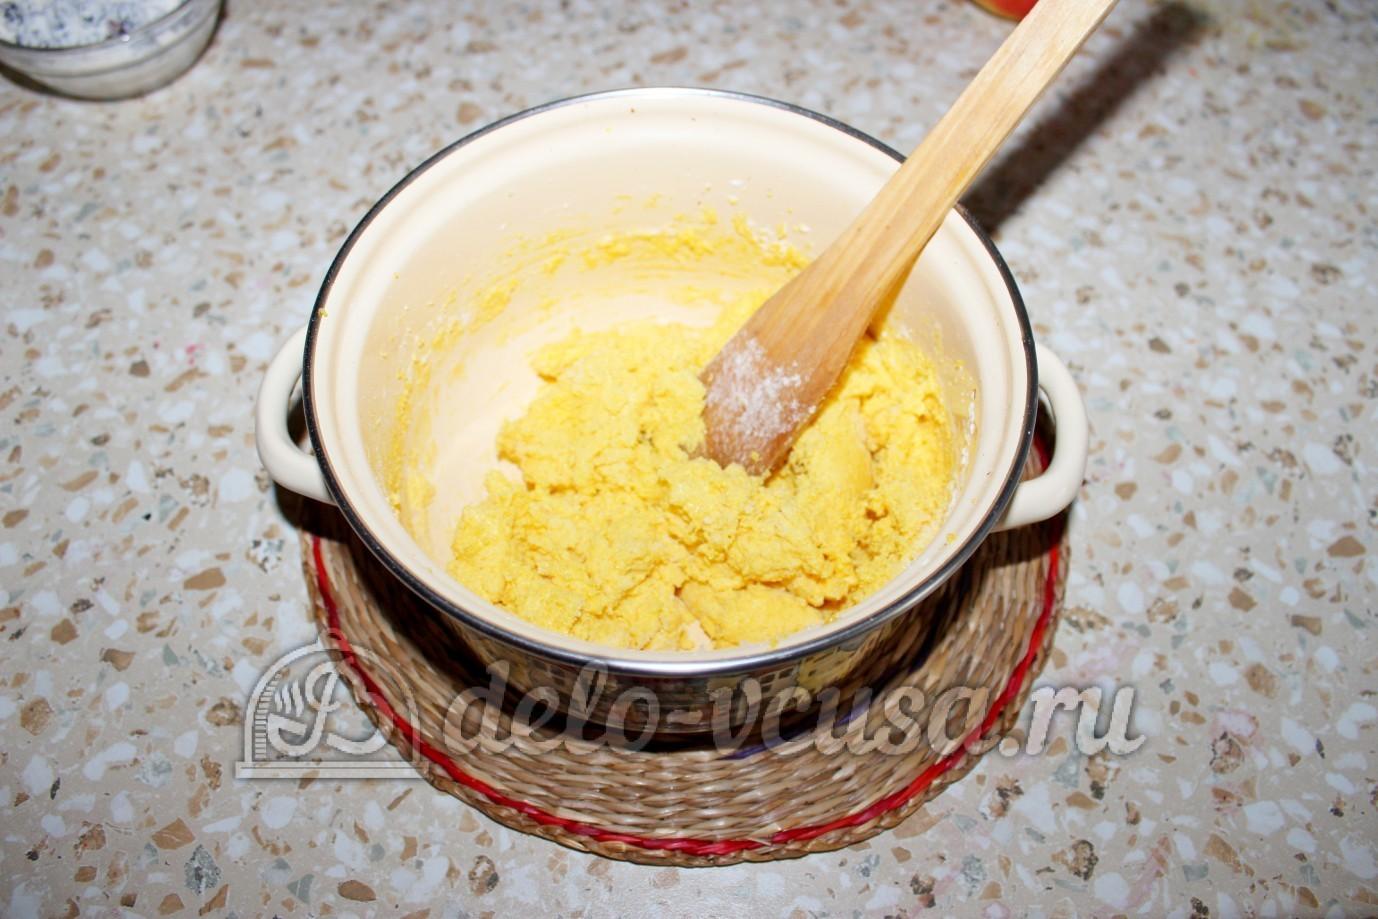 Рецепт пирога с яблоками в мультиварке поларис пошагово